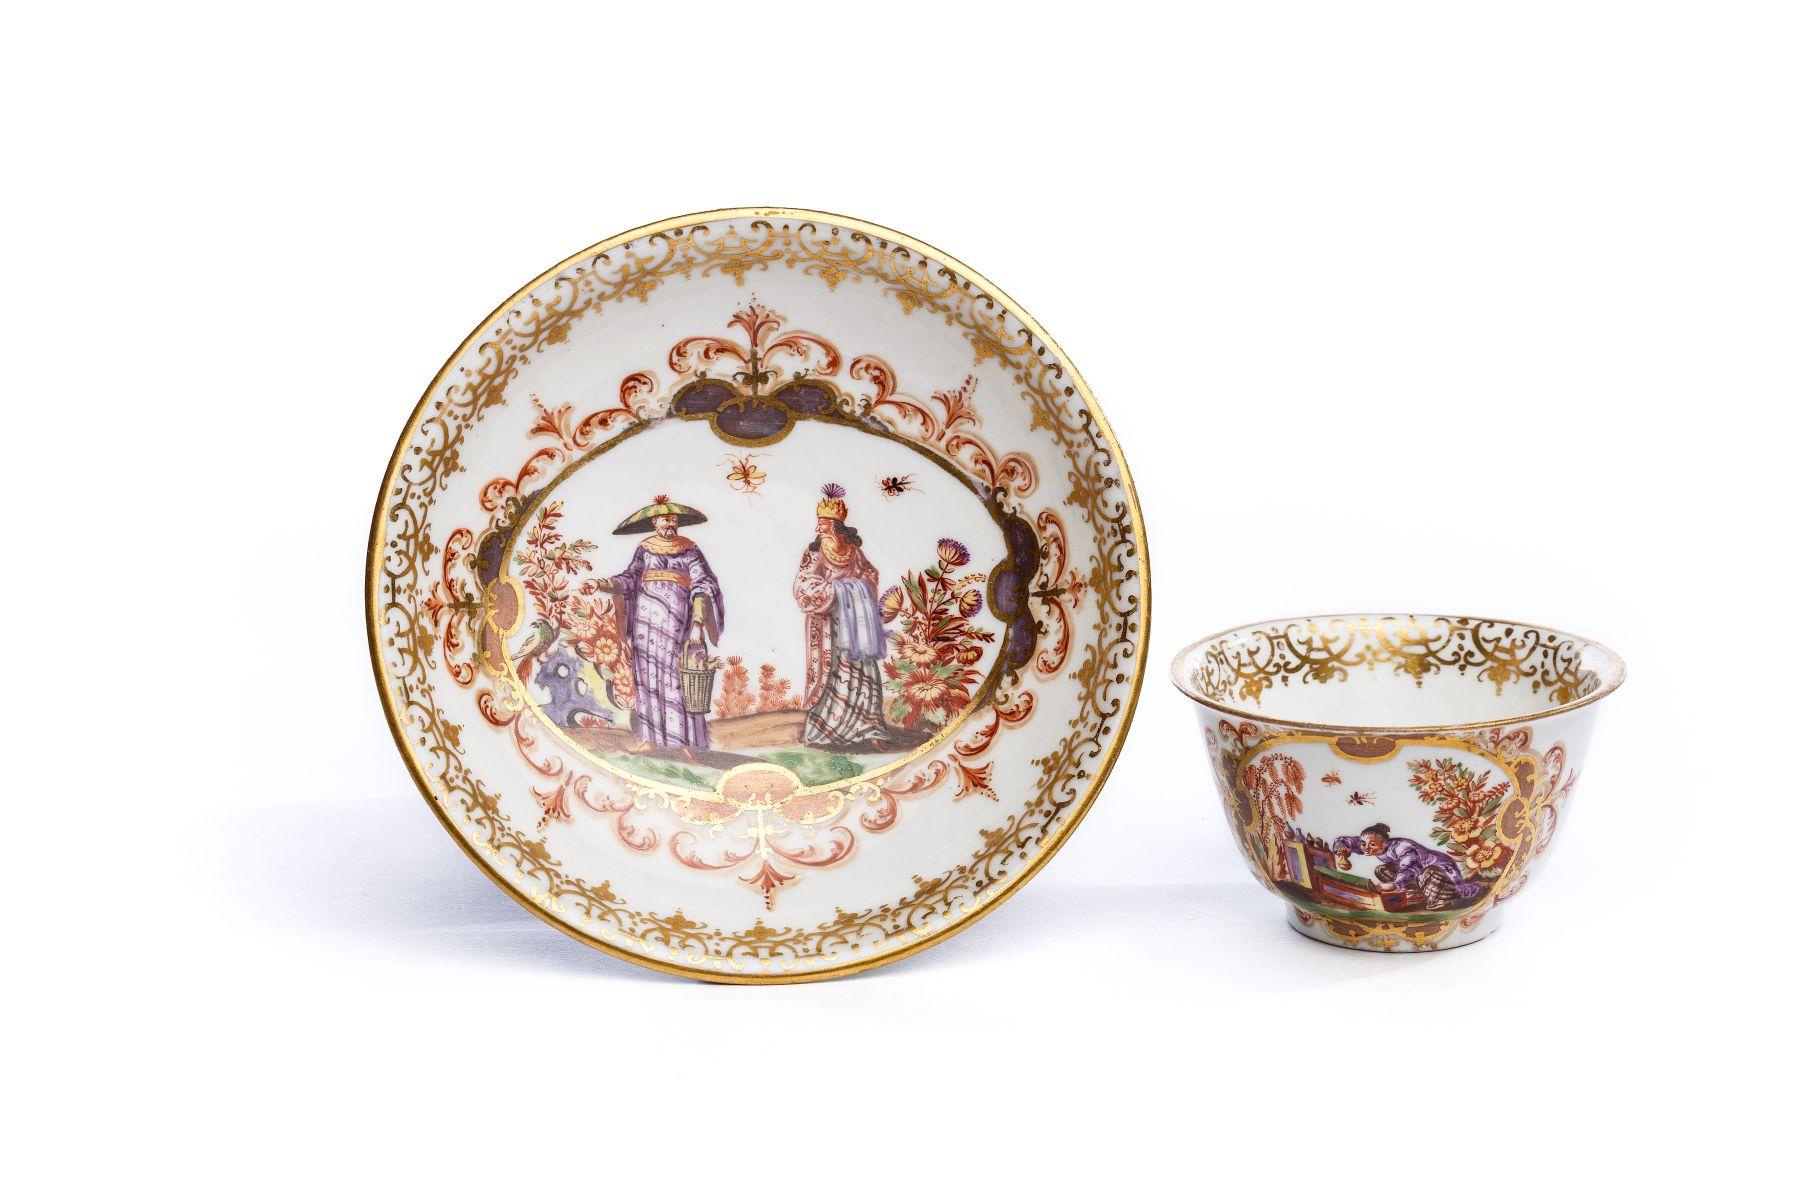 #28 Bowl with saucer, Meissen 1723/24 | Koppchen mit Unterschale, Meissen 1723/24 Image